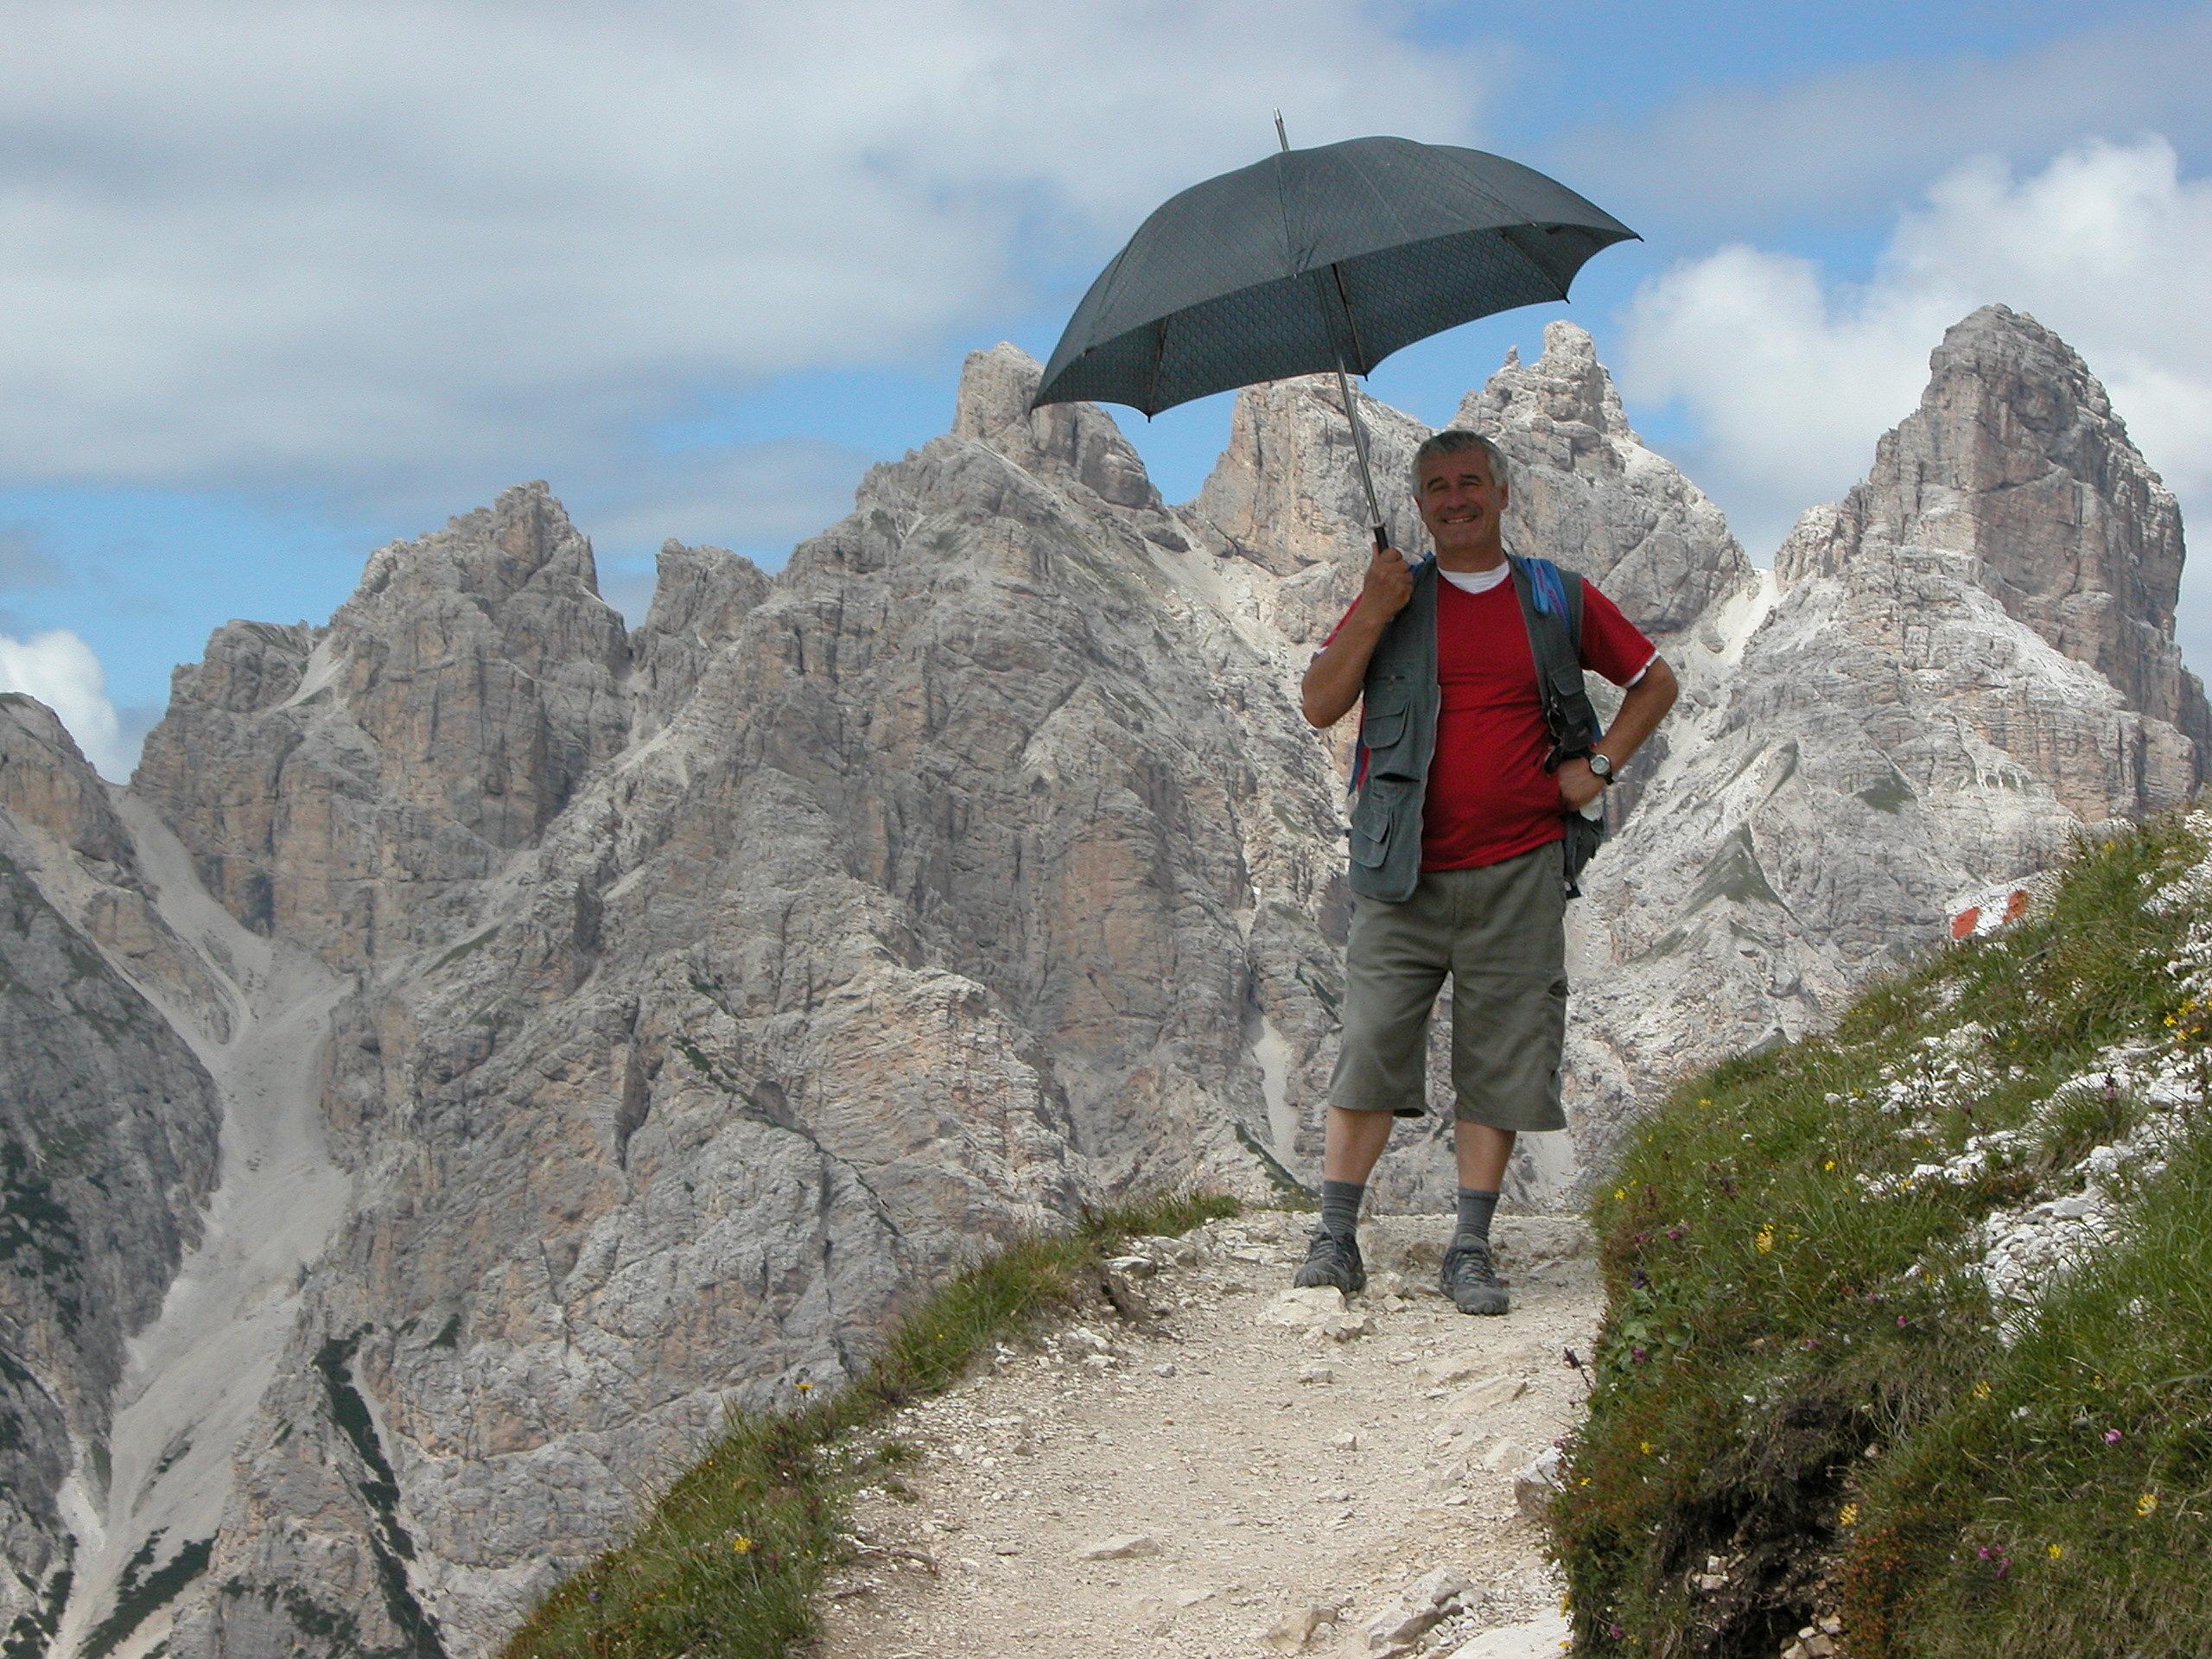 De Niro con l'ombrello sulle Dolomiti in Val Tures